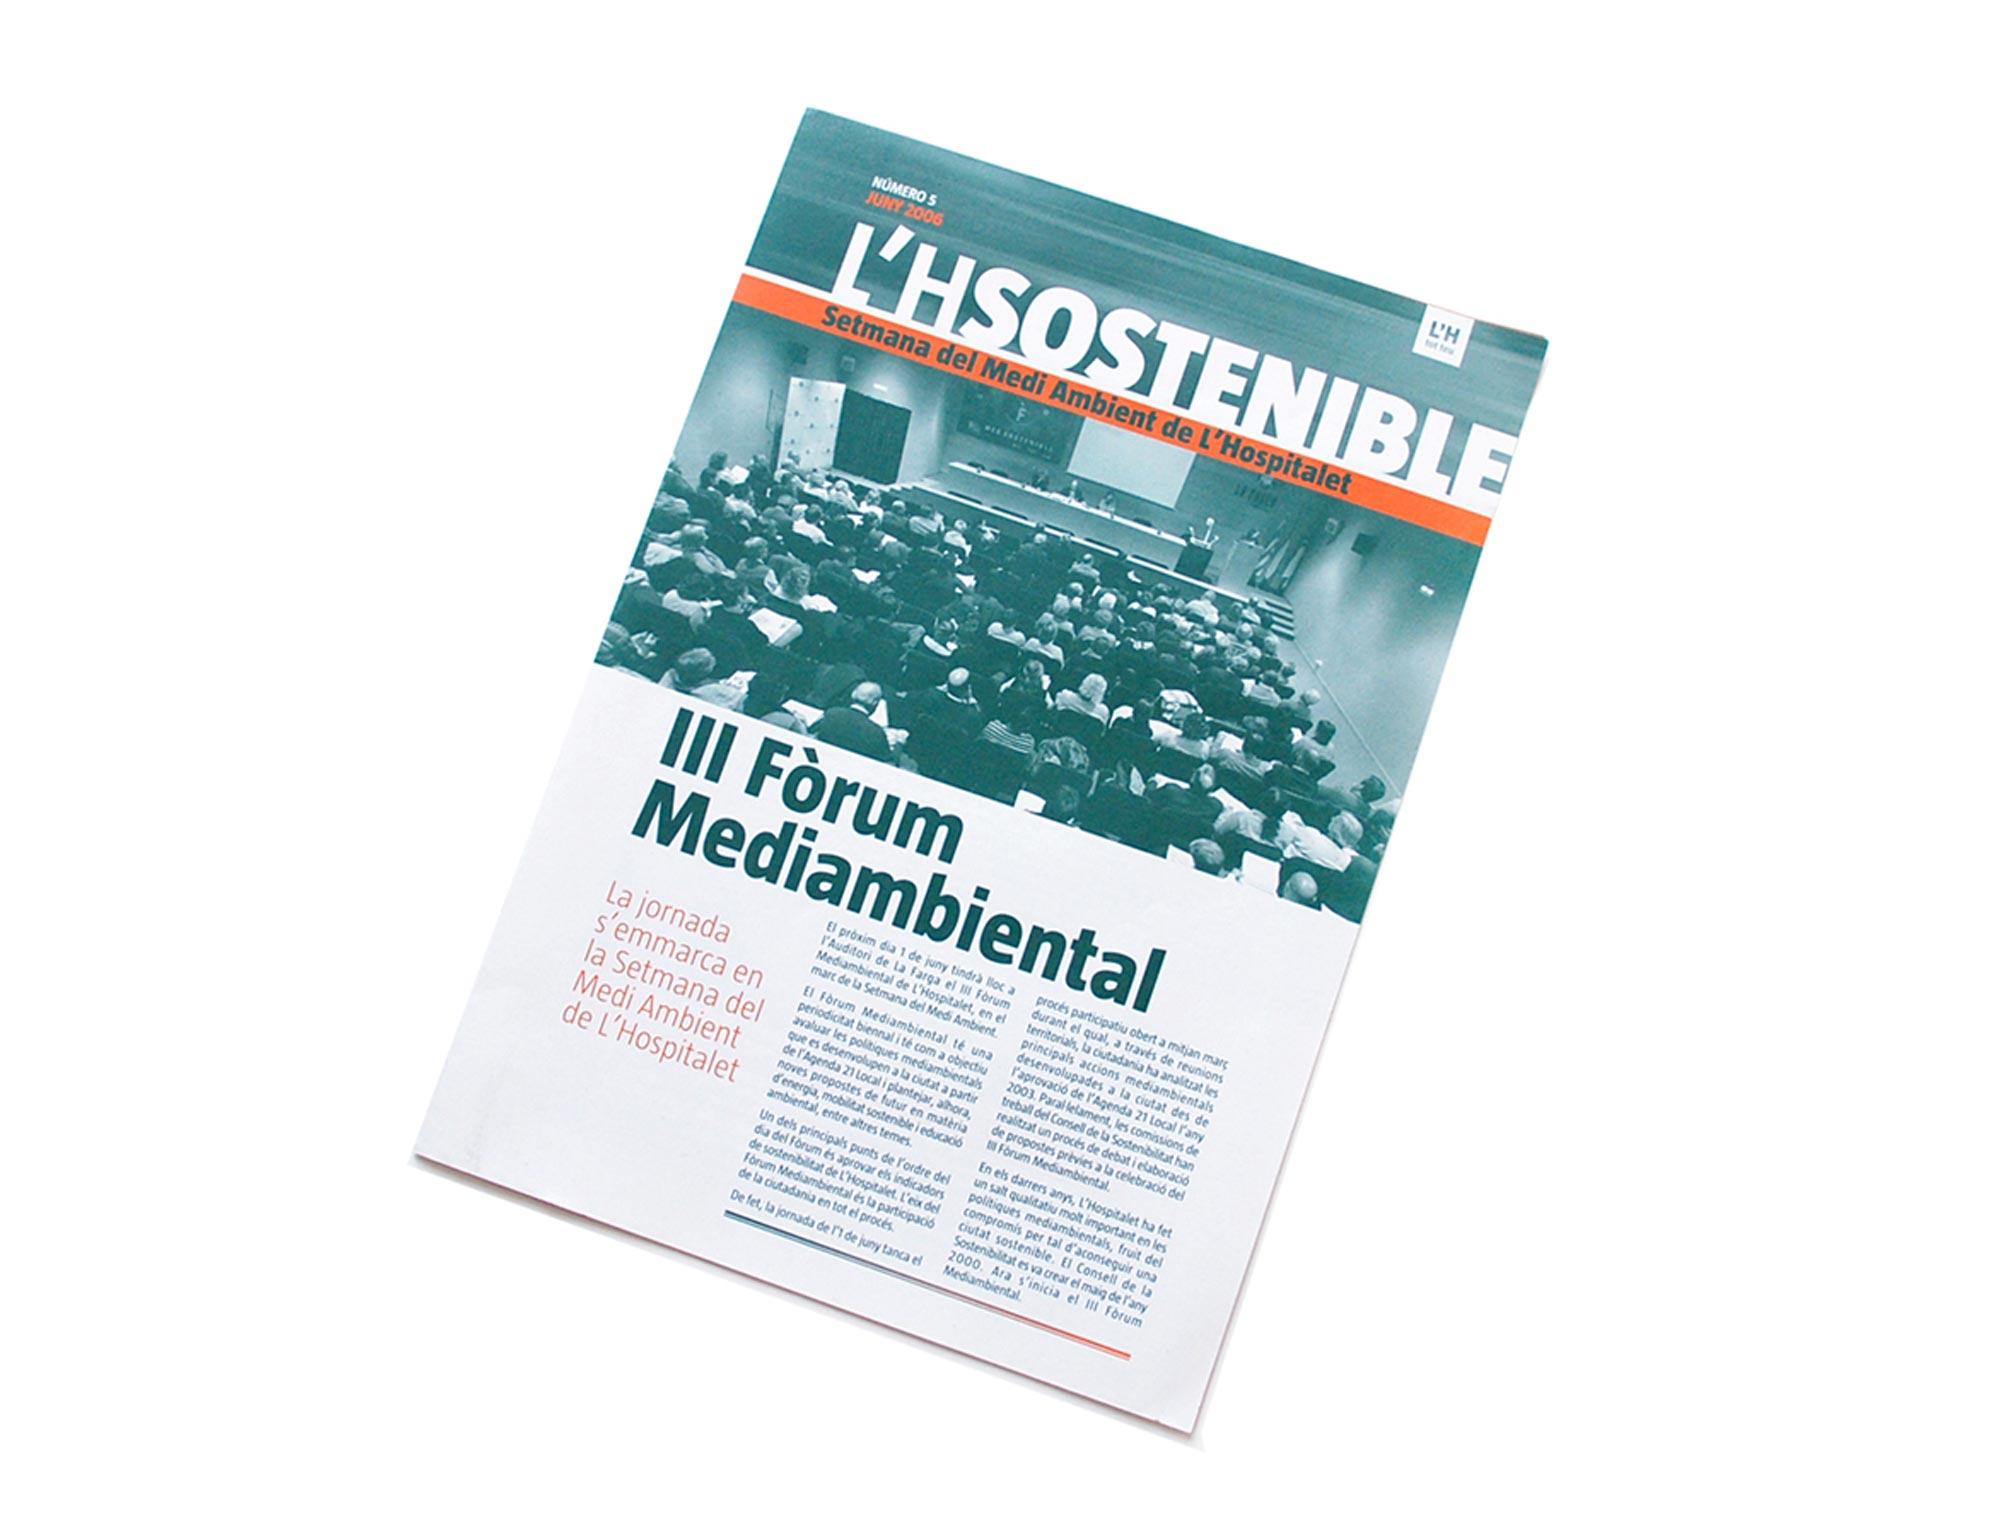 LH-SOSTENIBLE-FORUM-1.jpg